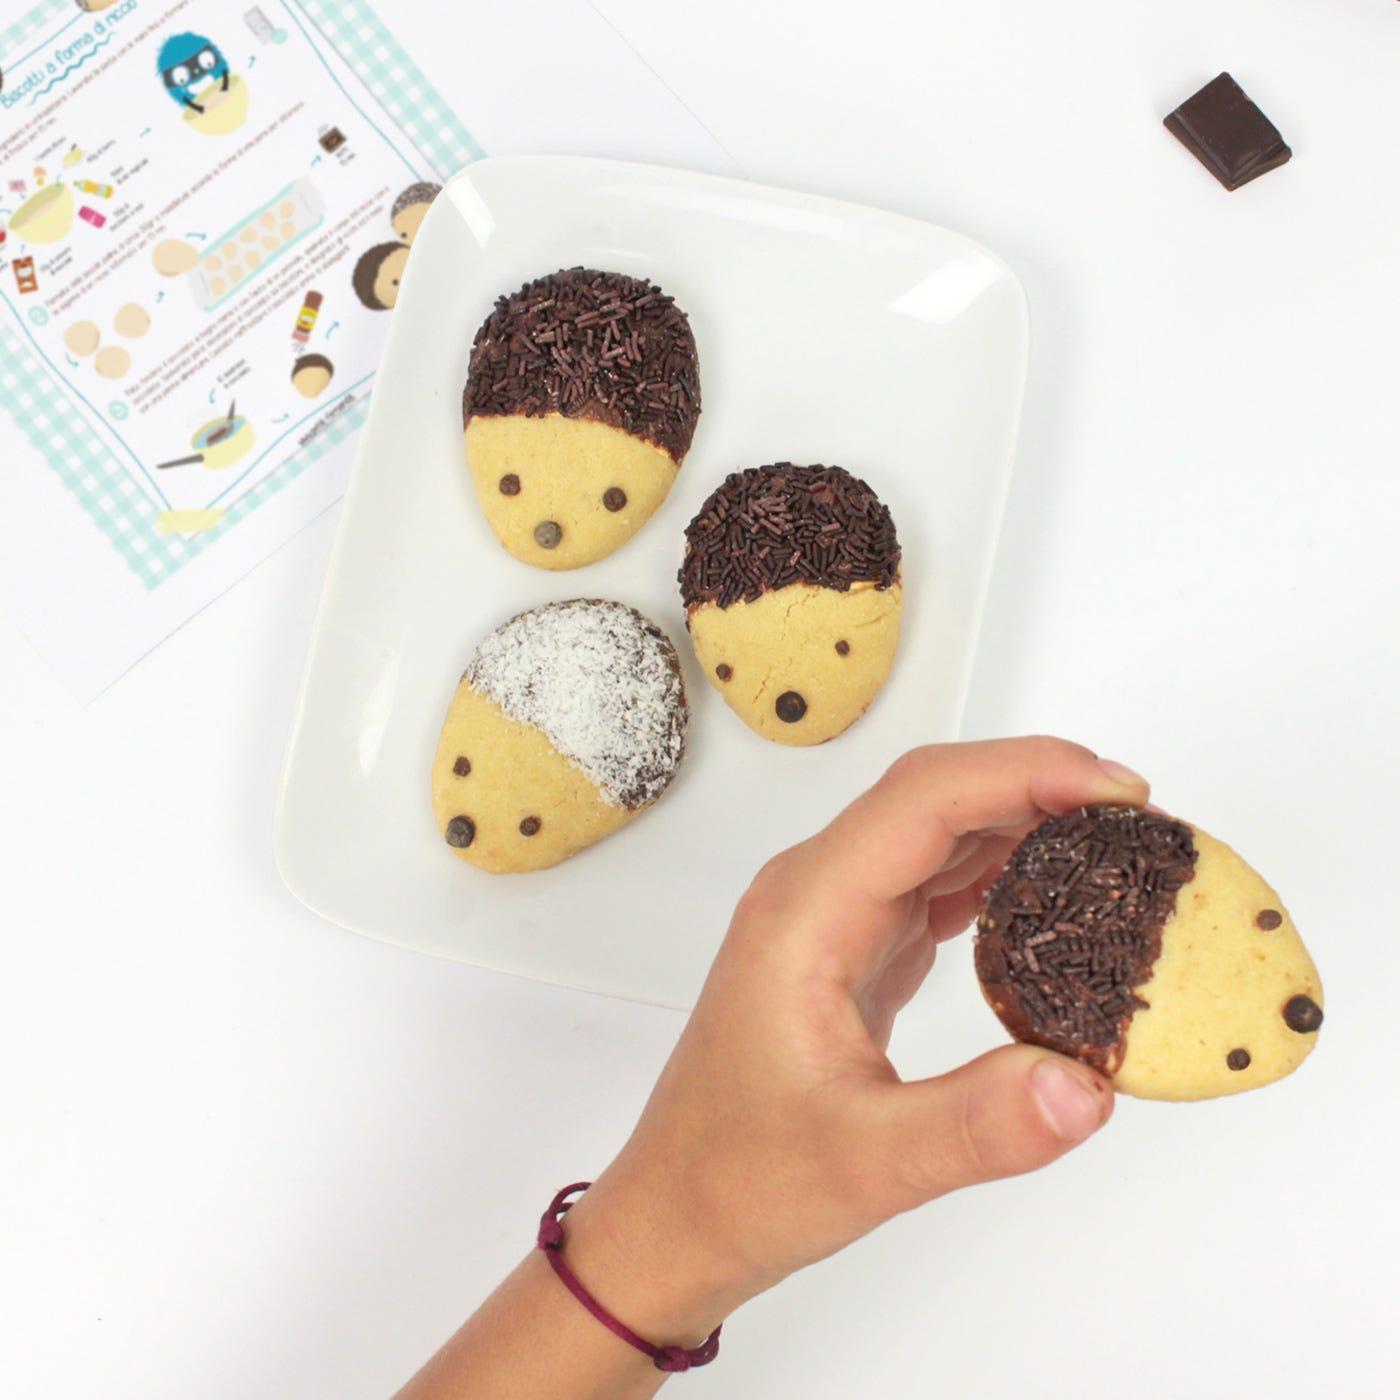 La nostra ricetta di biscotti a forma di riccio